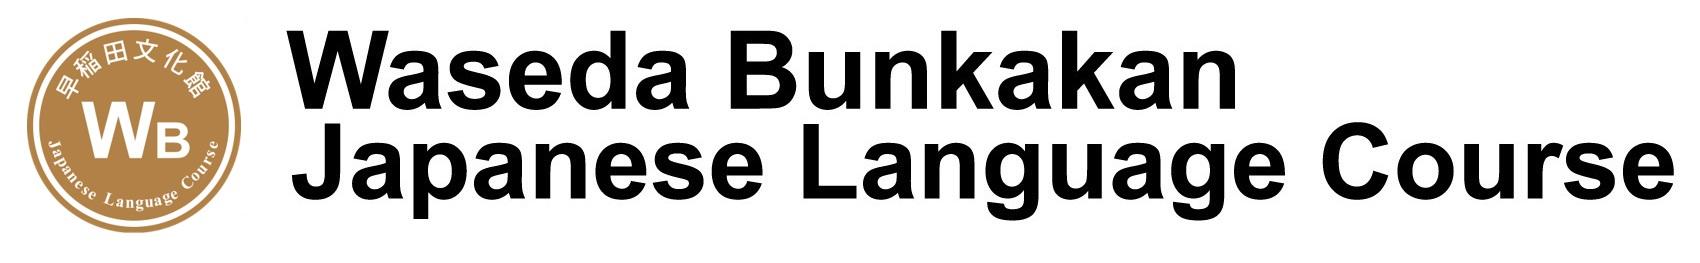 Waseda Bunkakan Japanese Language Course